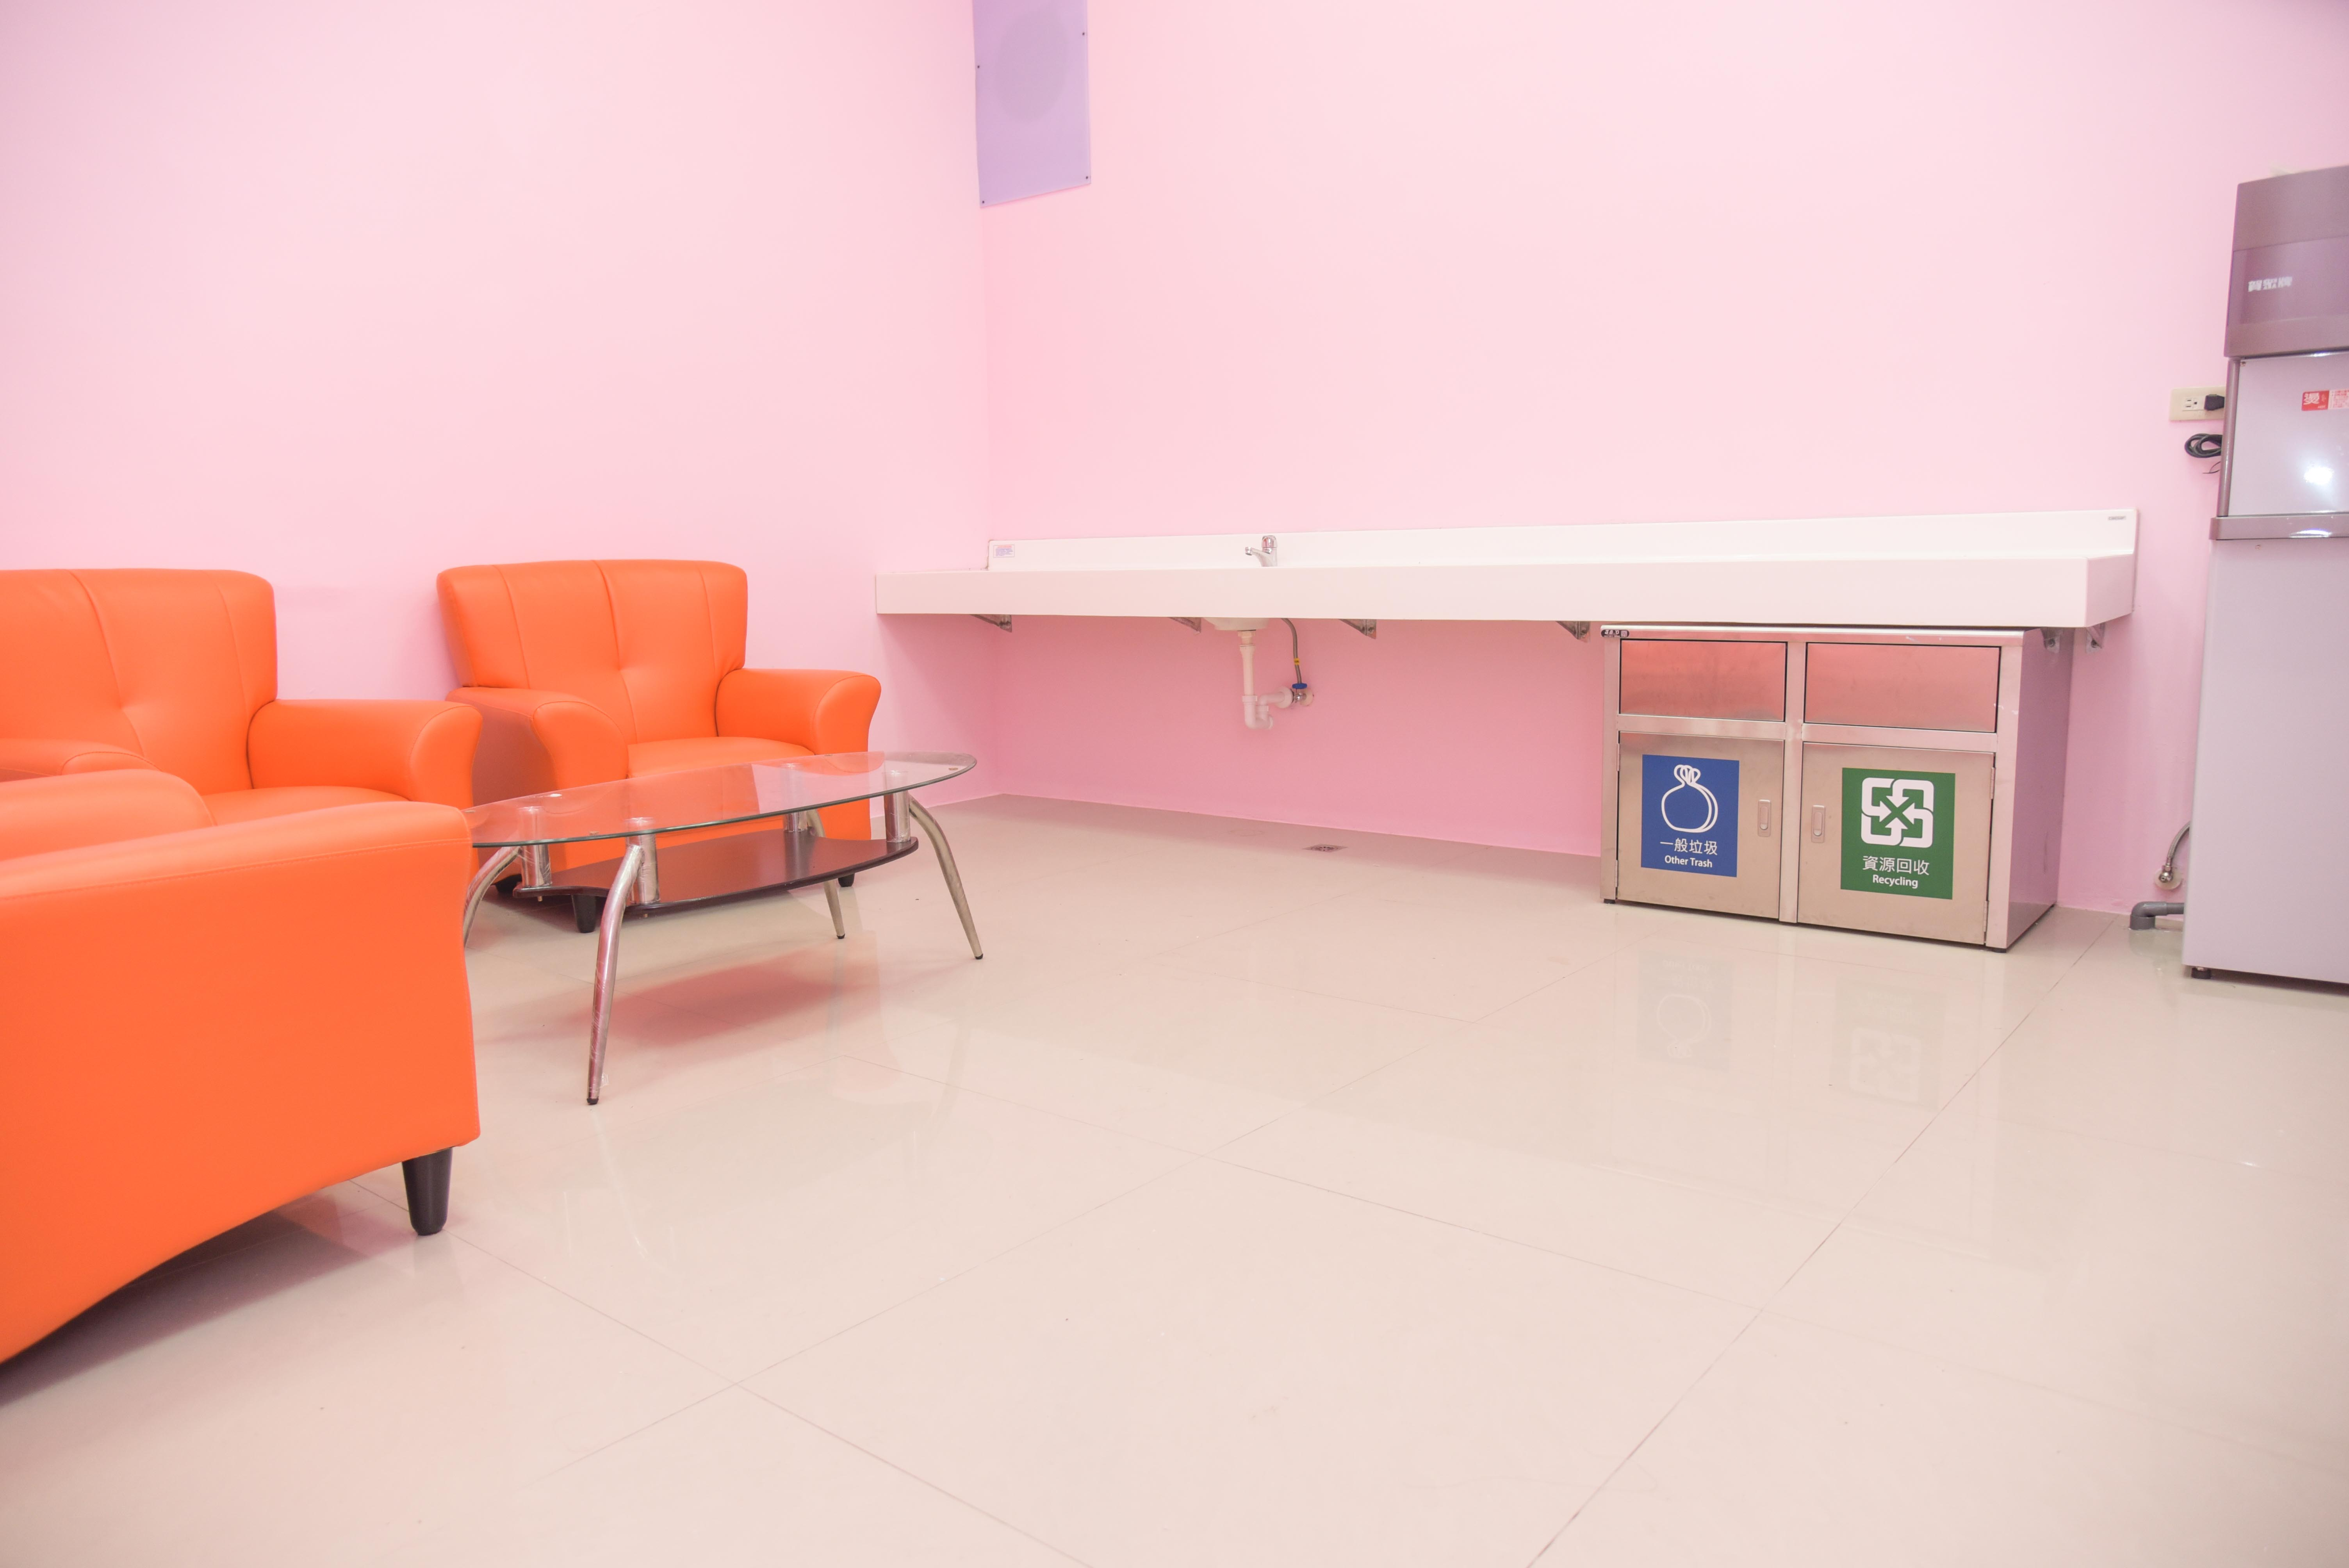 授乳室の内部